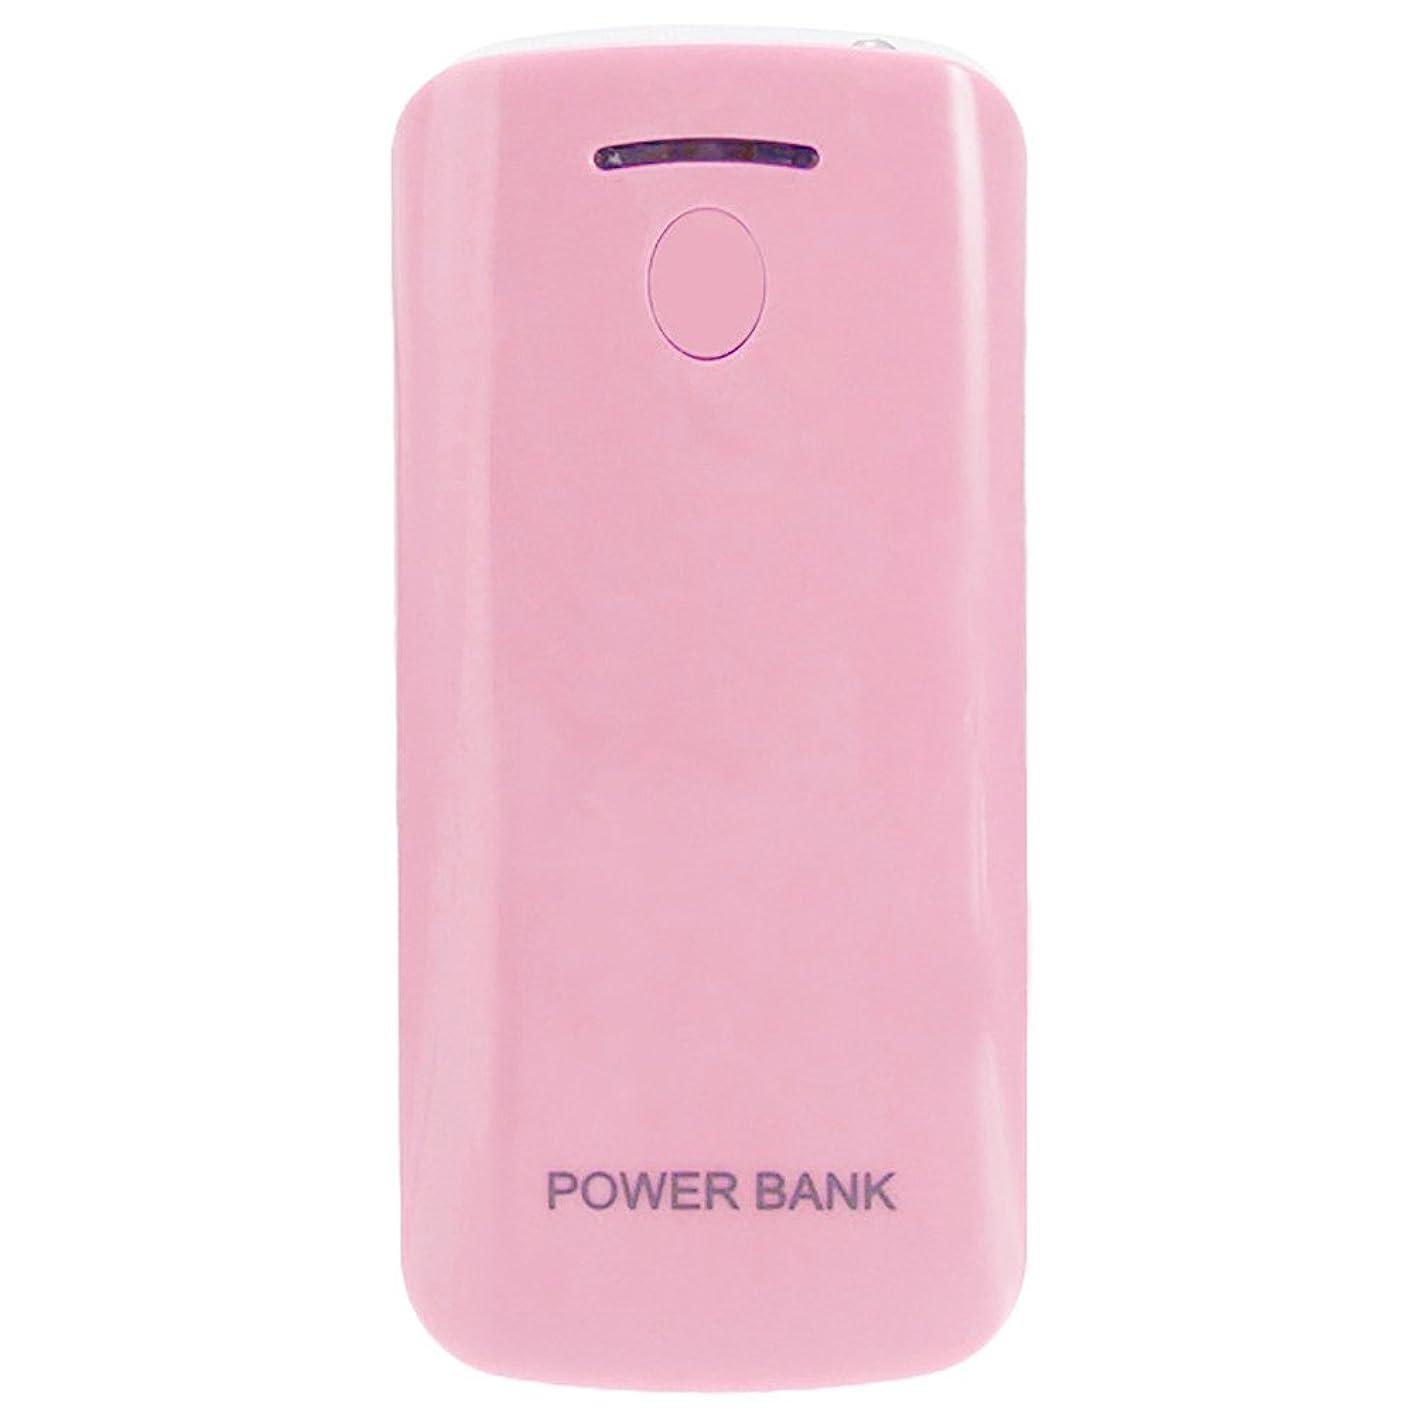 達成可能早める狭いミニポータブルパワーバンクシェル 充電式電池 外付けバッテリー リチウム電池 バッテリーバックアップ (ピンク)